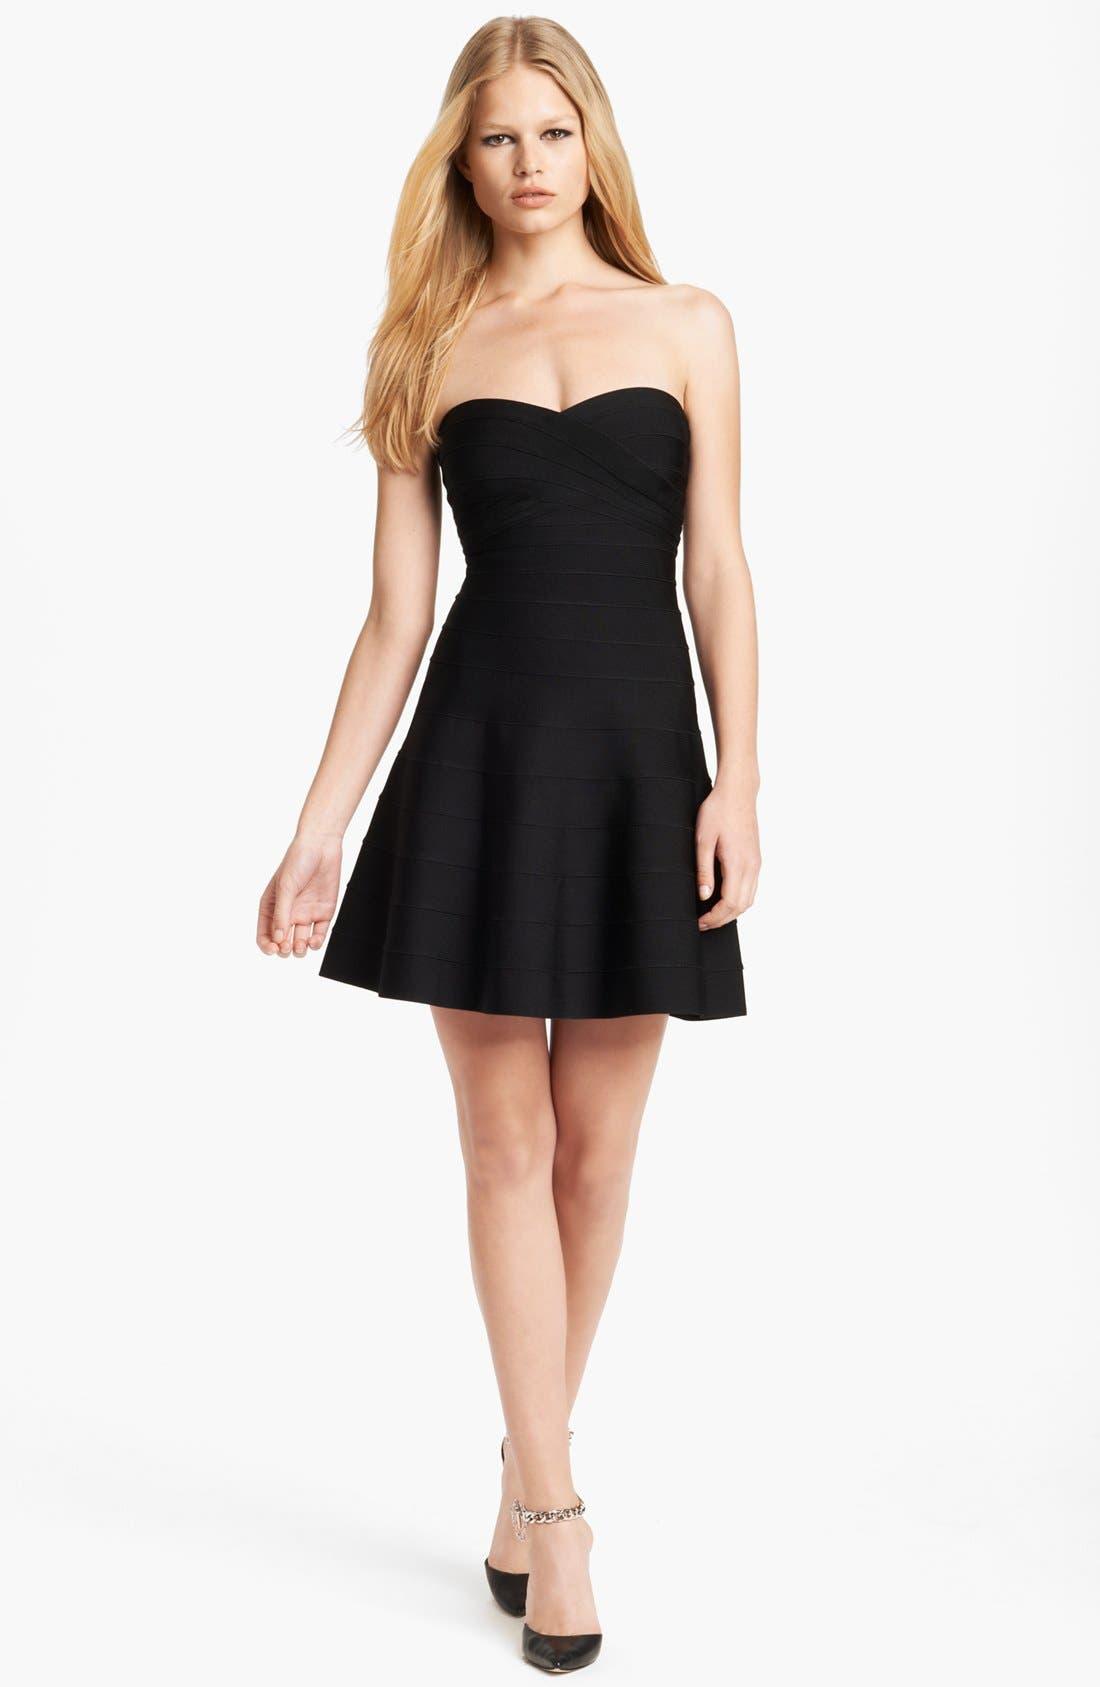 Main Image - Herve Leger Strapless Flare Skirt Dress